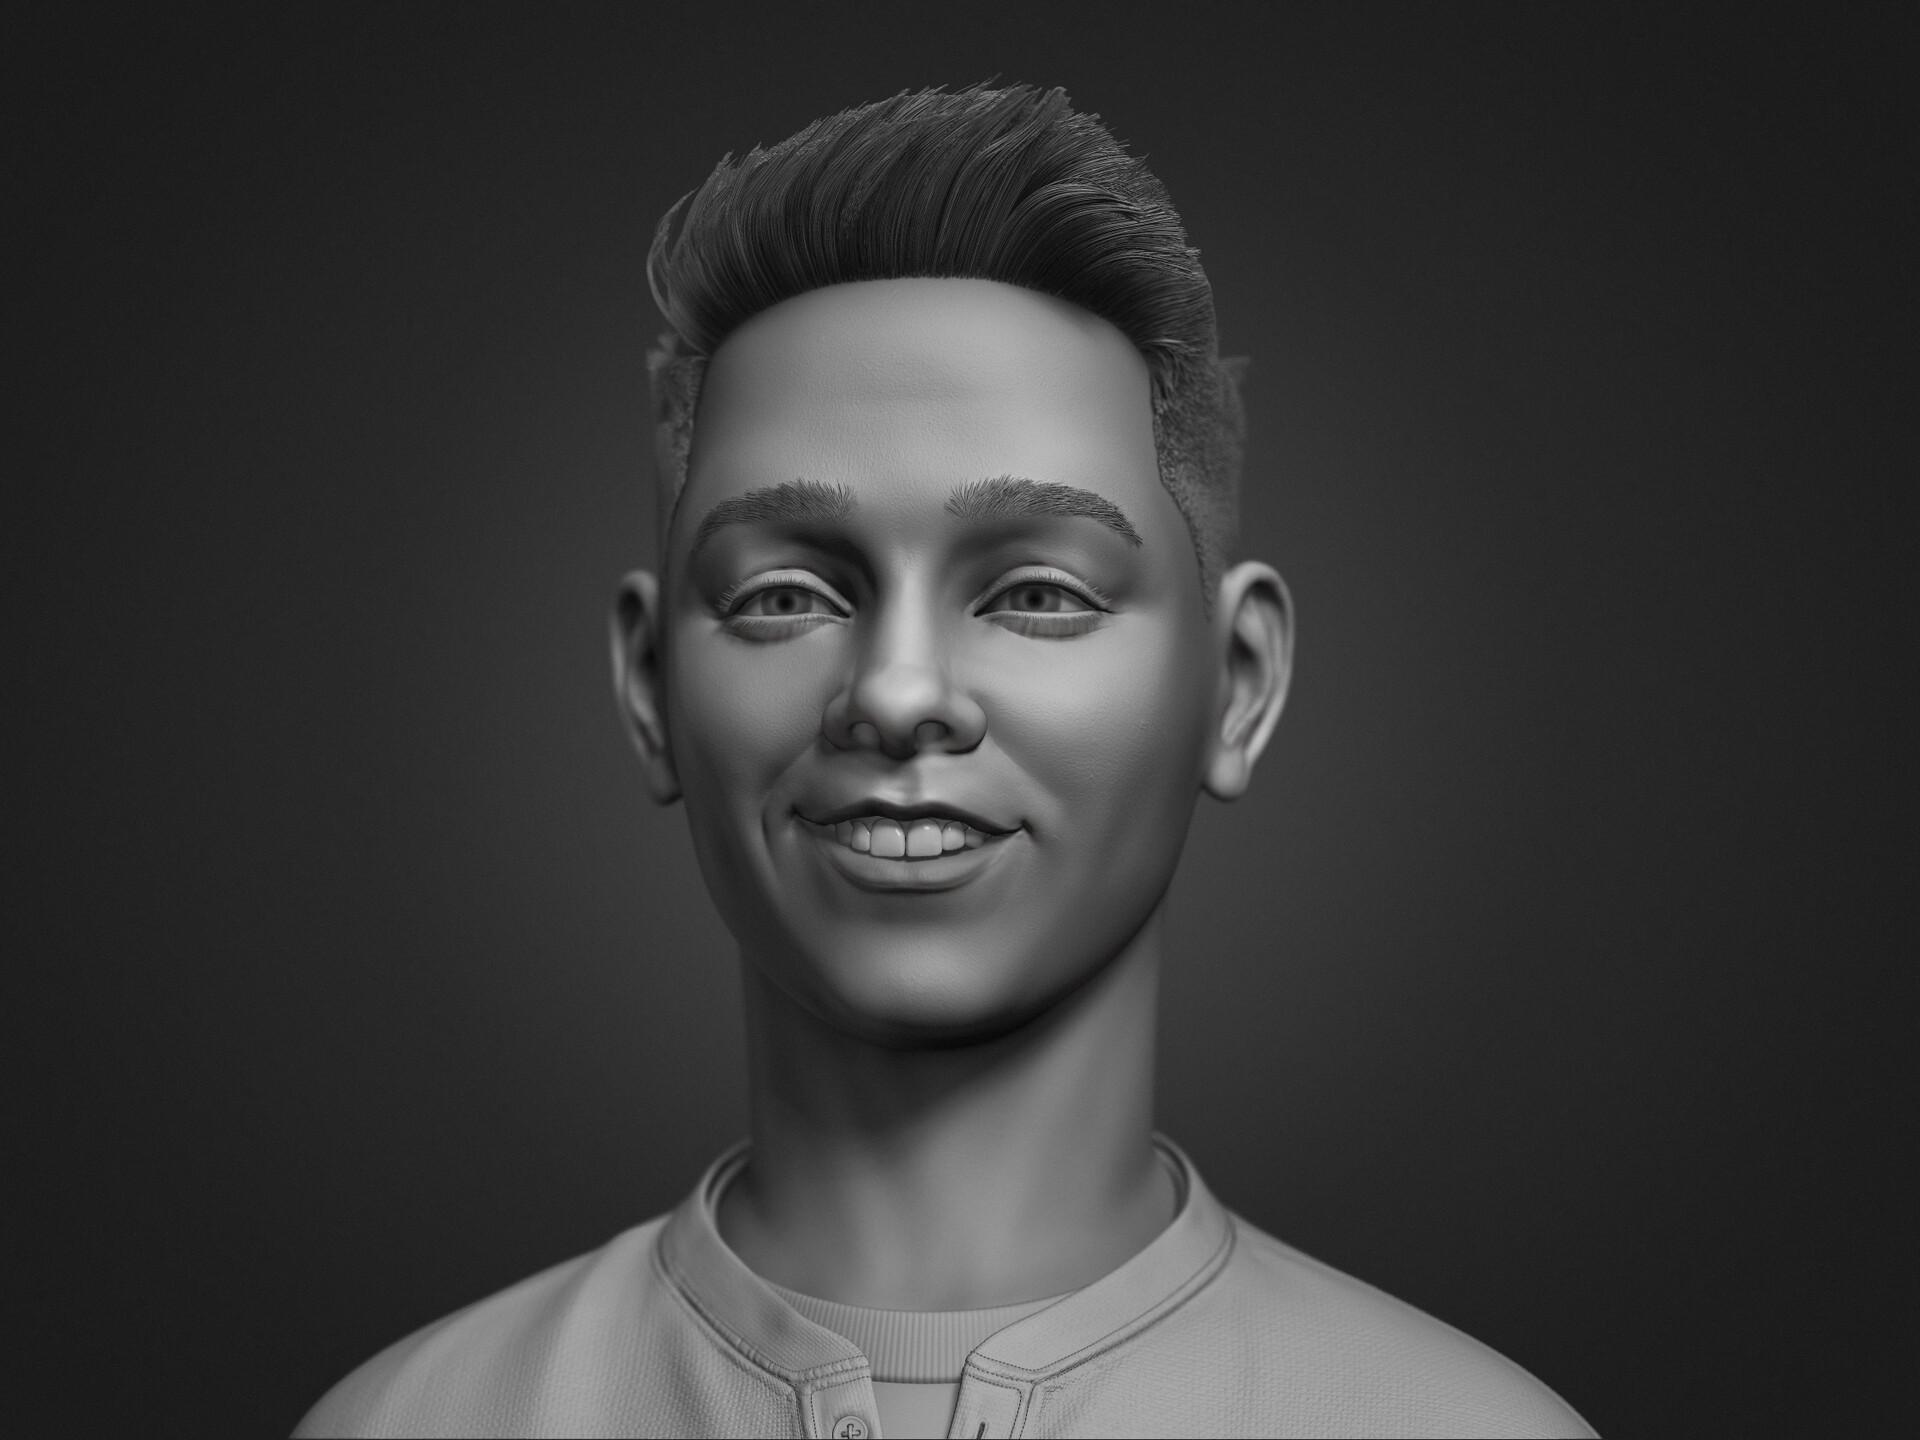 Dave viola teenportrait render01